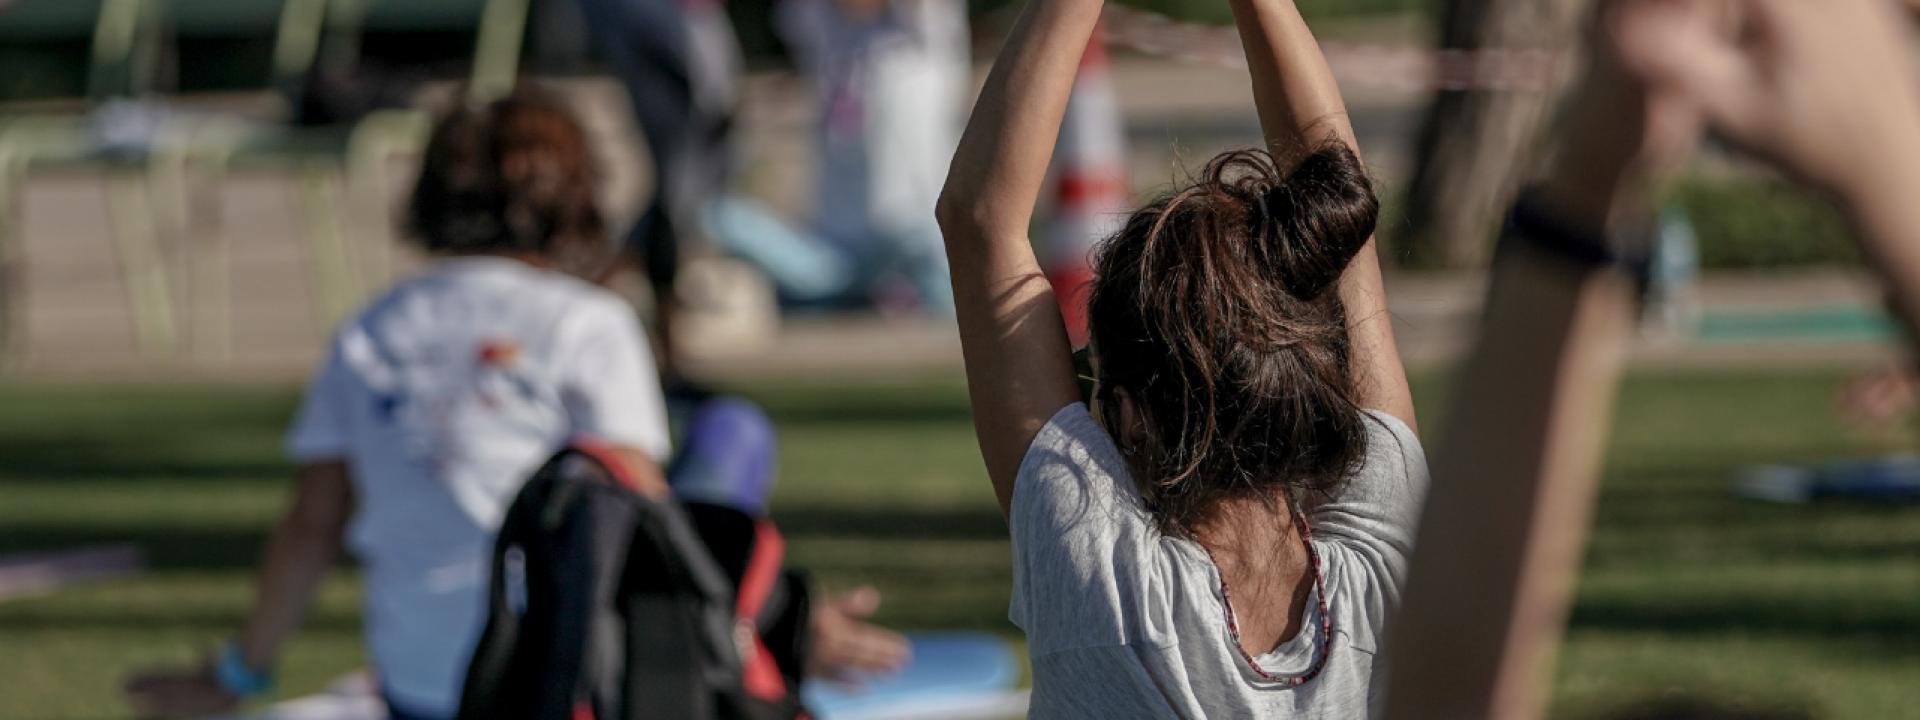 Ακύρωση: Προχωρημένο μάθημα Mat Pilates  - Εικόνα